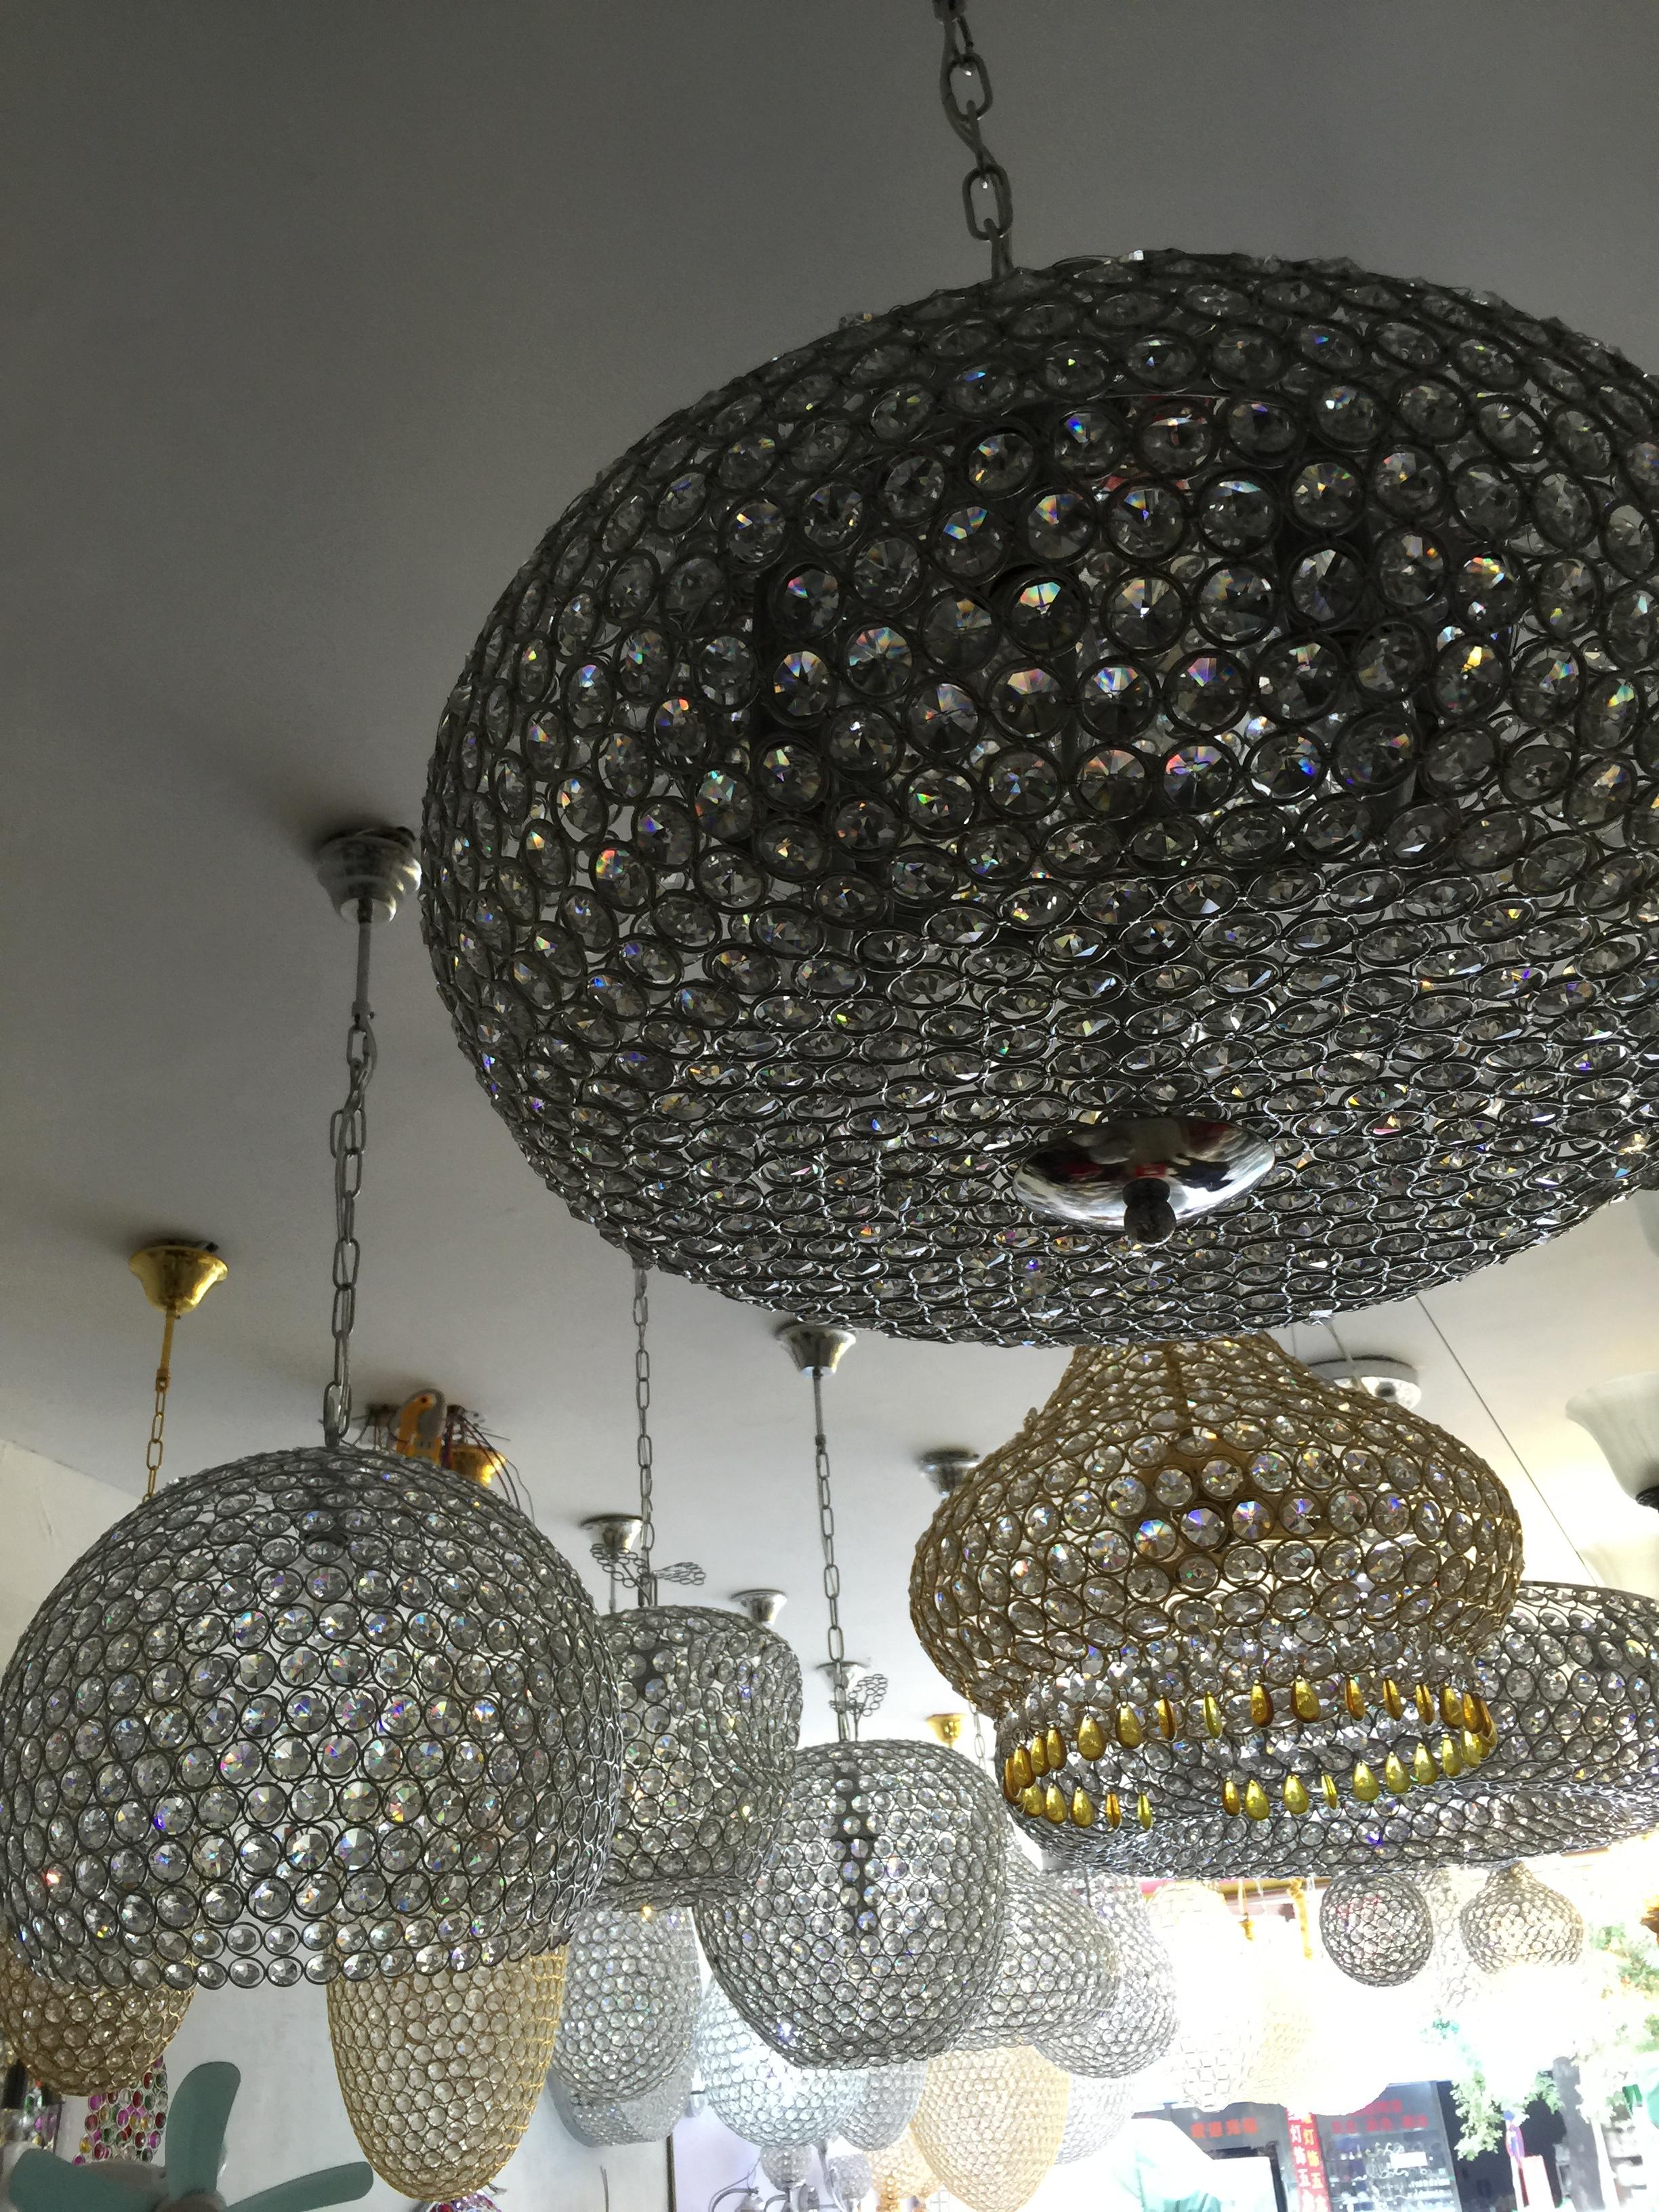 新款酒店中空吊灯厂家批发LED烟火花灯天棚中庭LED满天星星圆球吊灯